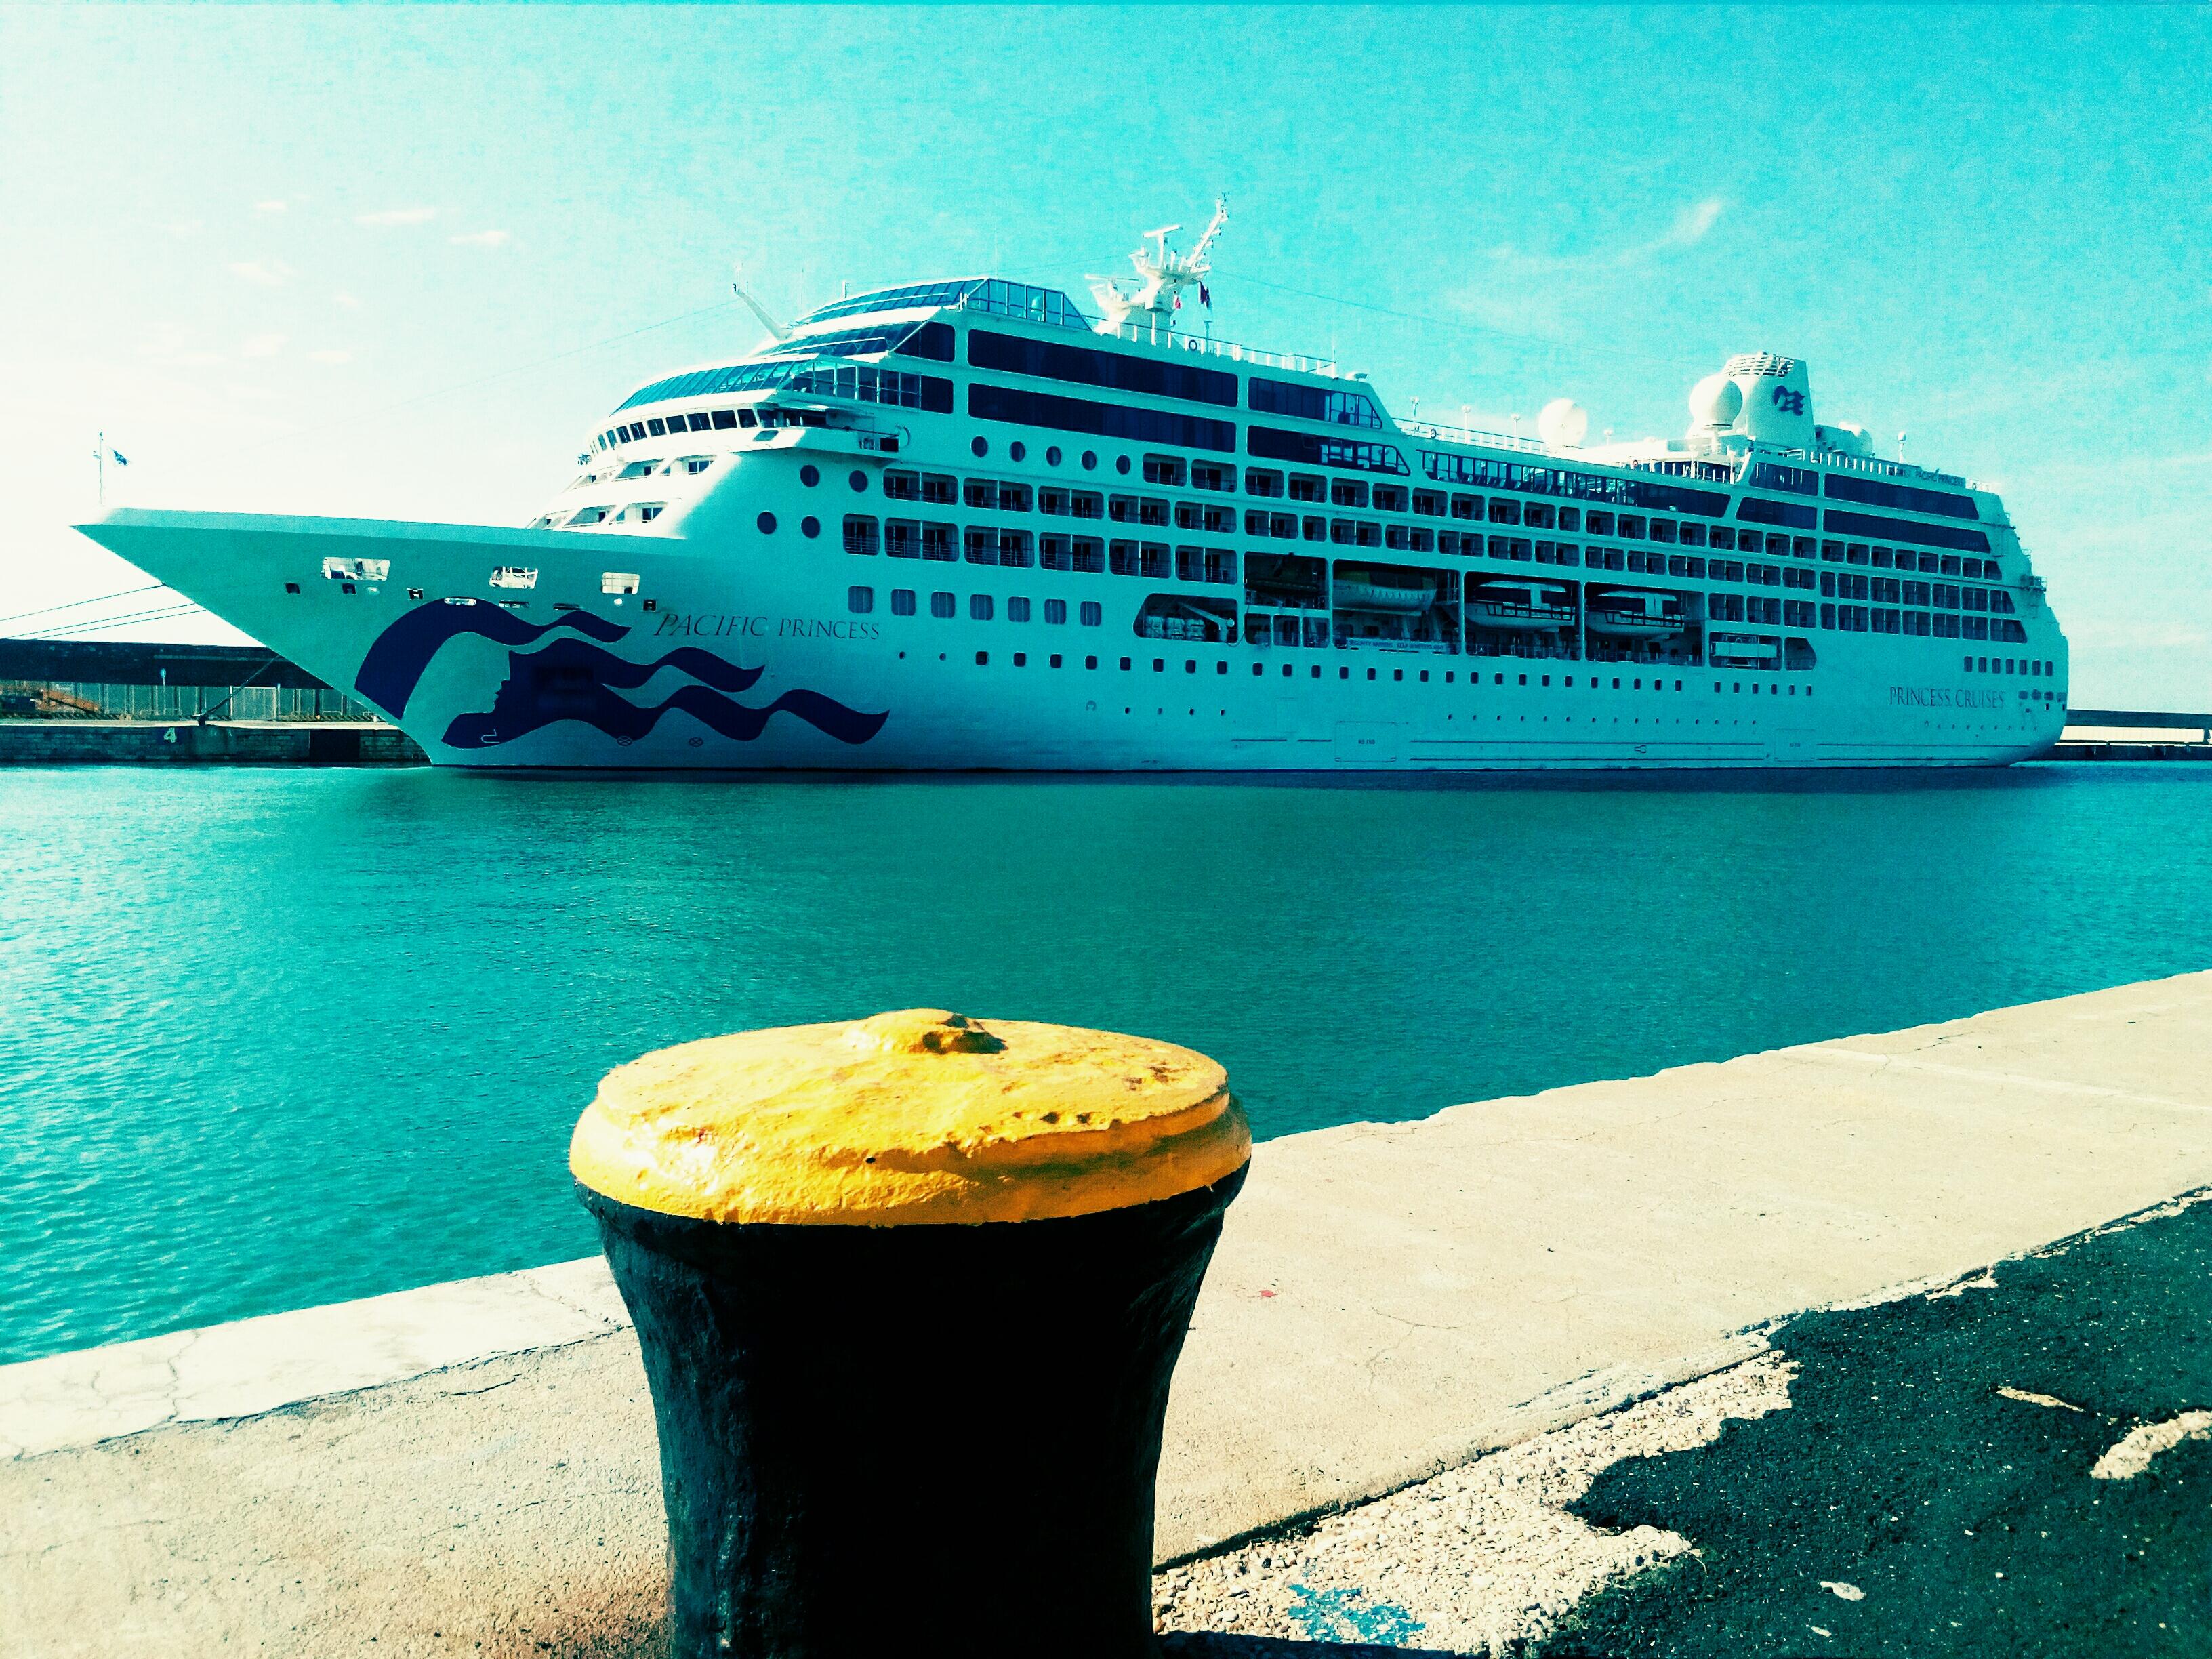 Porti Roma e del Lazio: tasse portuali giù del 20% a Civitavecchia grazie ai decreti appena entrati in vigore